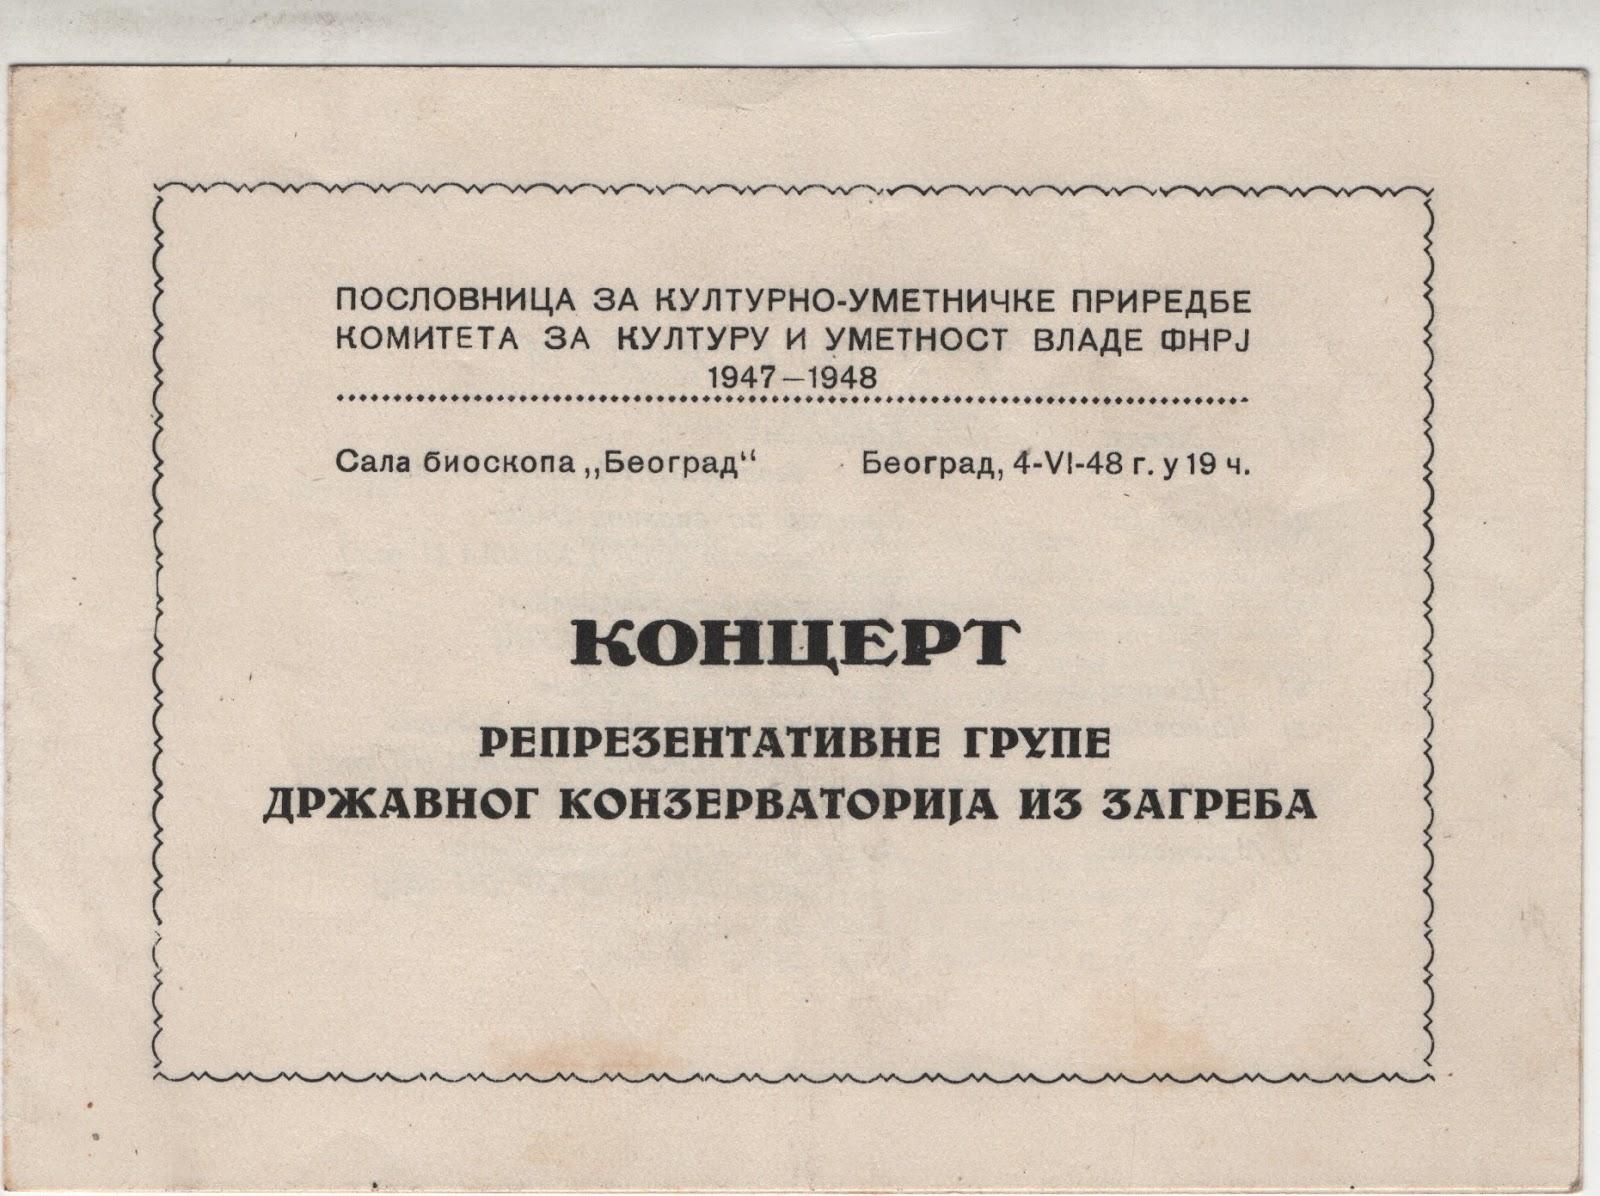 Bijelo Dugme 5. April '81.